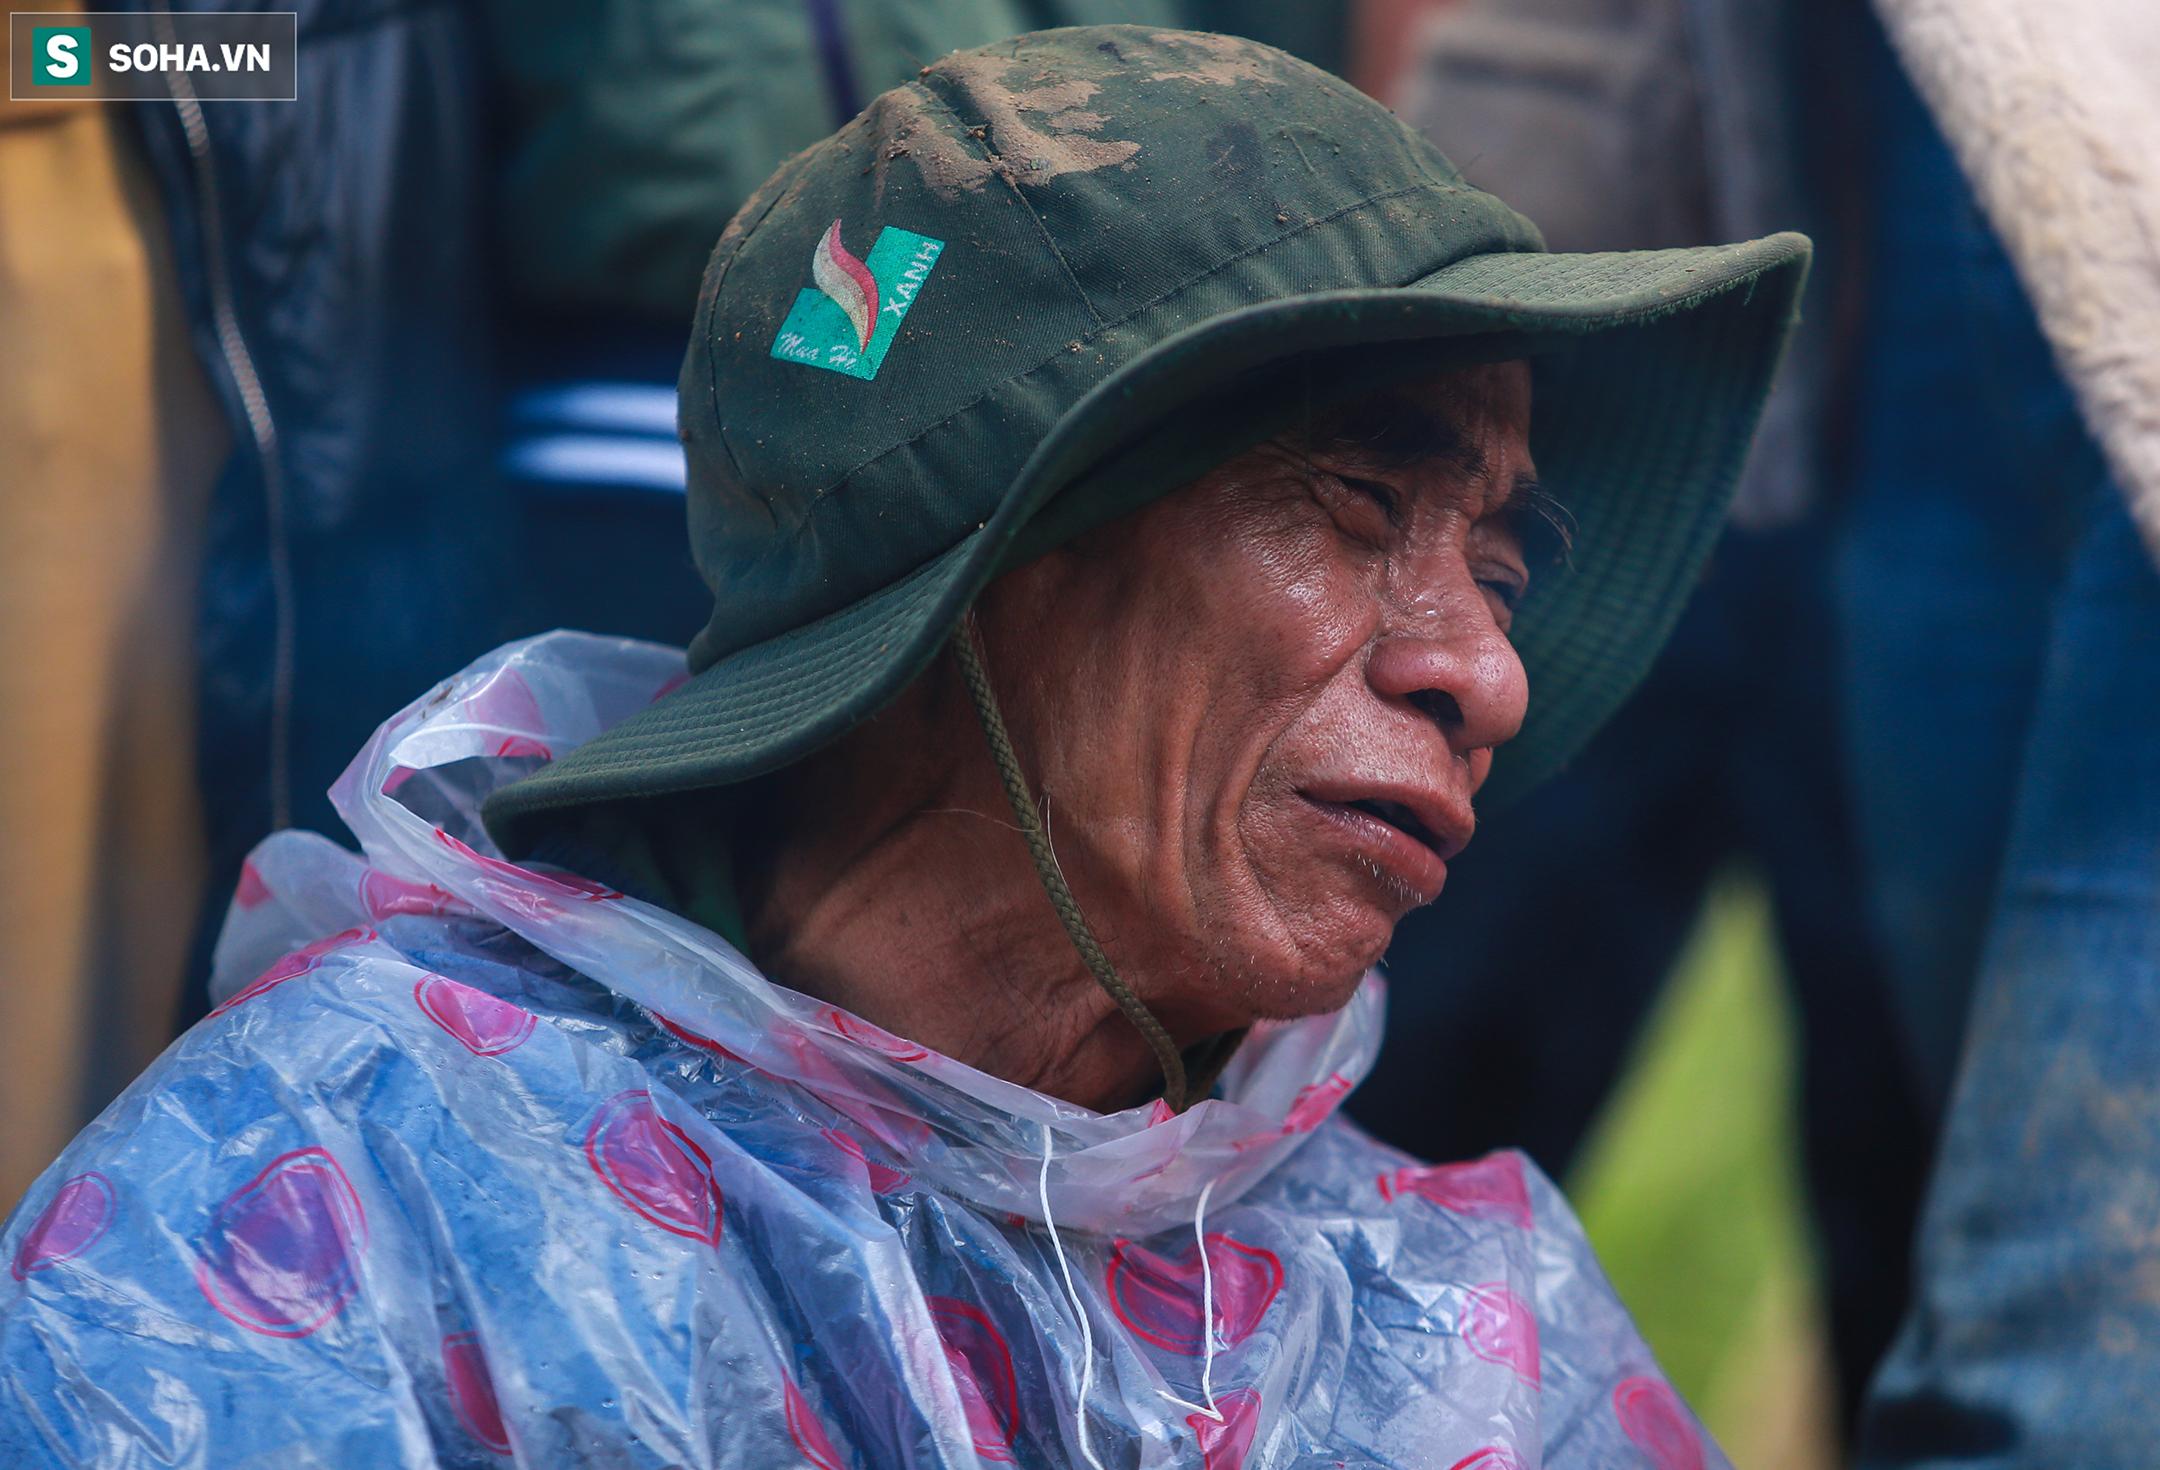 [Ảnh] Dân làng khóc nghẹn khi tìm thấy bé trai 10 tháng tuổi dưới lớp bùn đất vụ sạt lở ở Trà Leng - Ảnh 15.